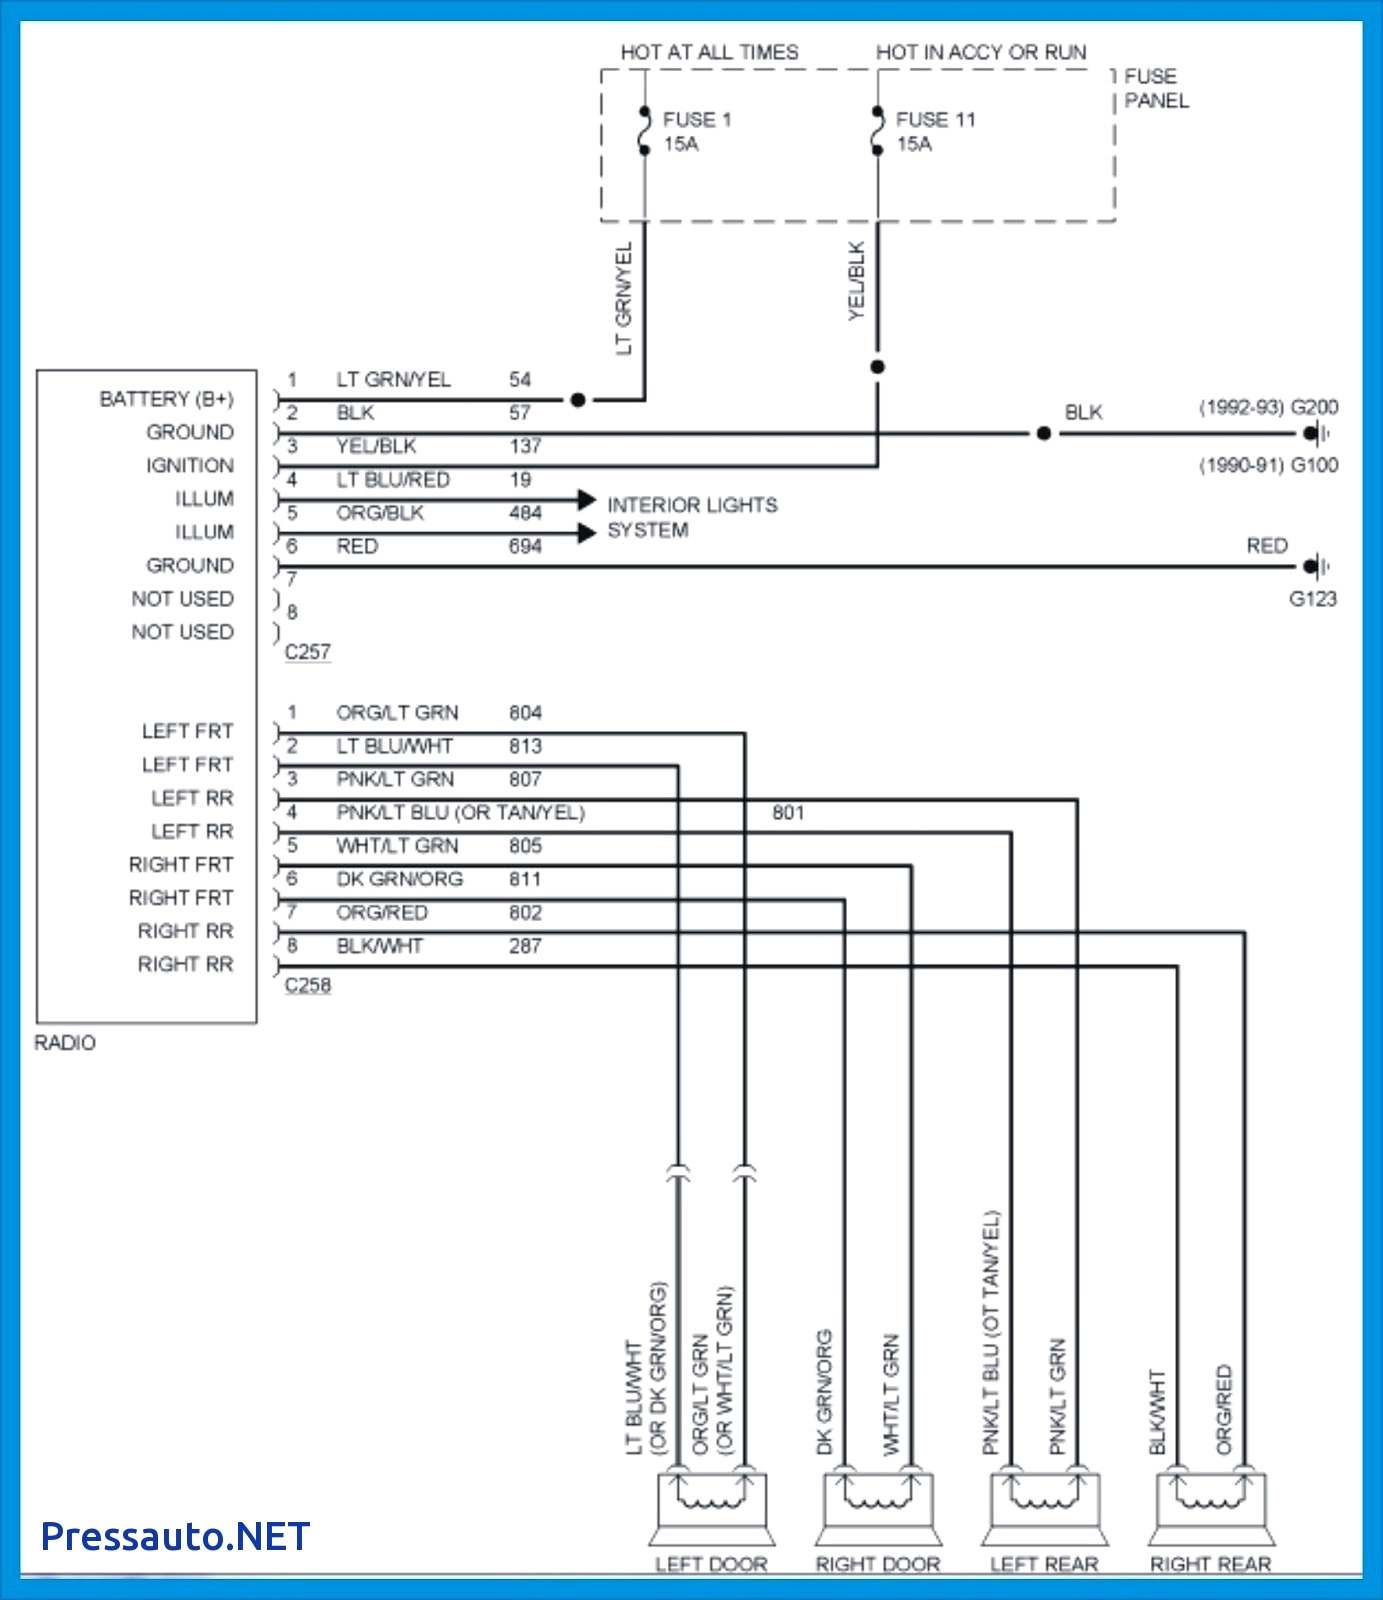 [DIAGRAM_38ZD]  1997 Ford F150 Wiring Diagram - 4 3l Vortec Chevy Engine Oiling System Diagram  for Wiring Diagram Schematics | 1997 Ford F150 Radio Wiring Diagram |  | Wiring Diagram Schematics